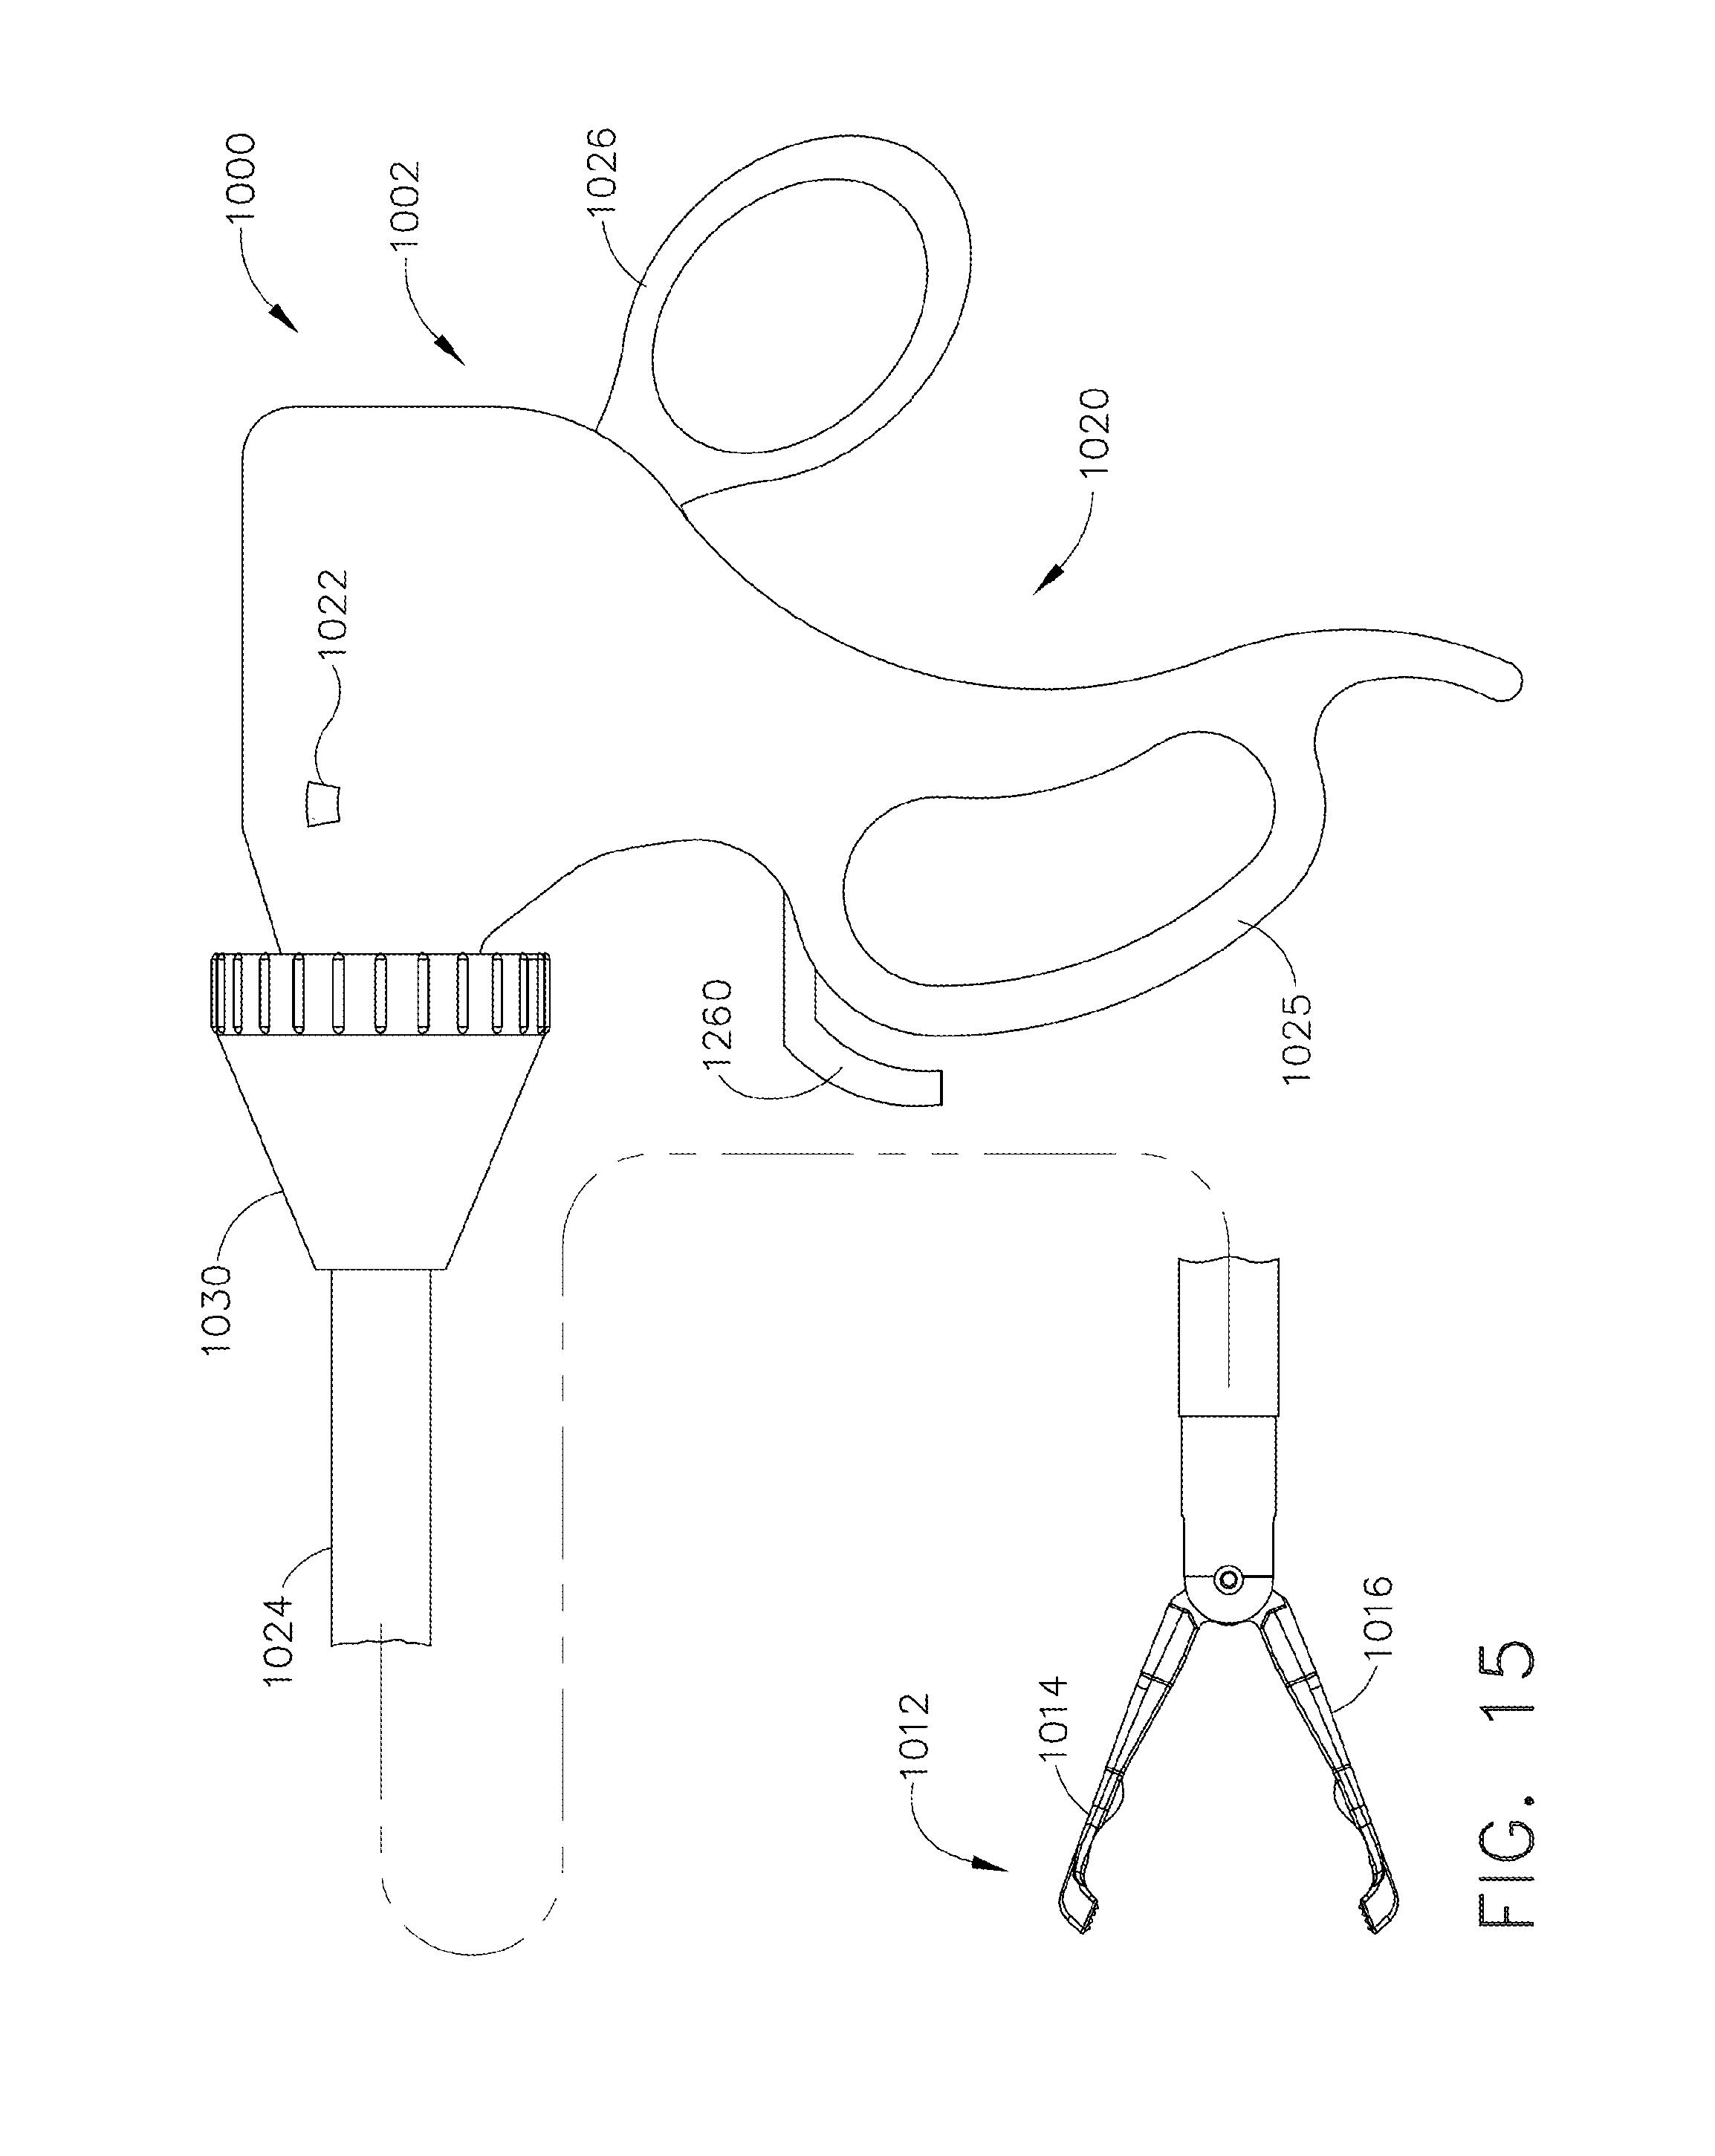 norethindrone-e.estradiol-iron 1 mg-10 mcg (24)/10 mcg (2)